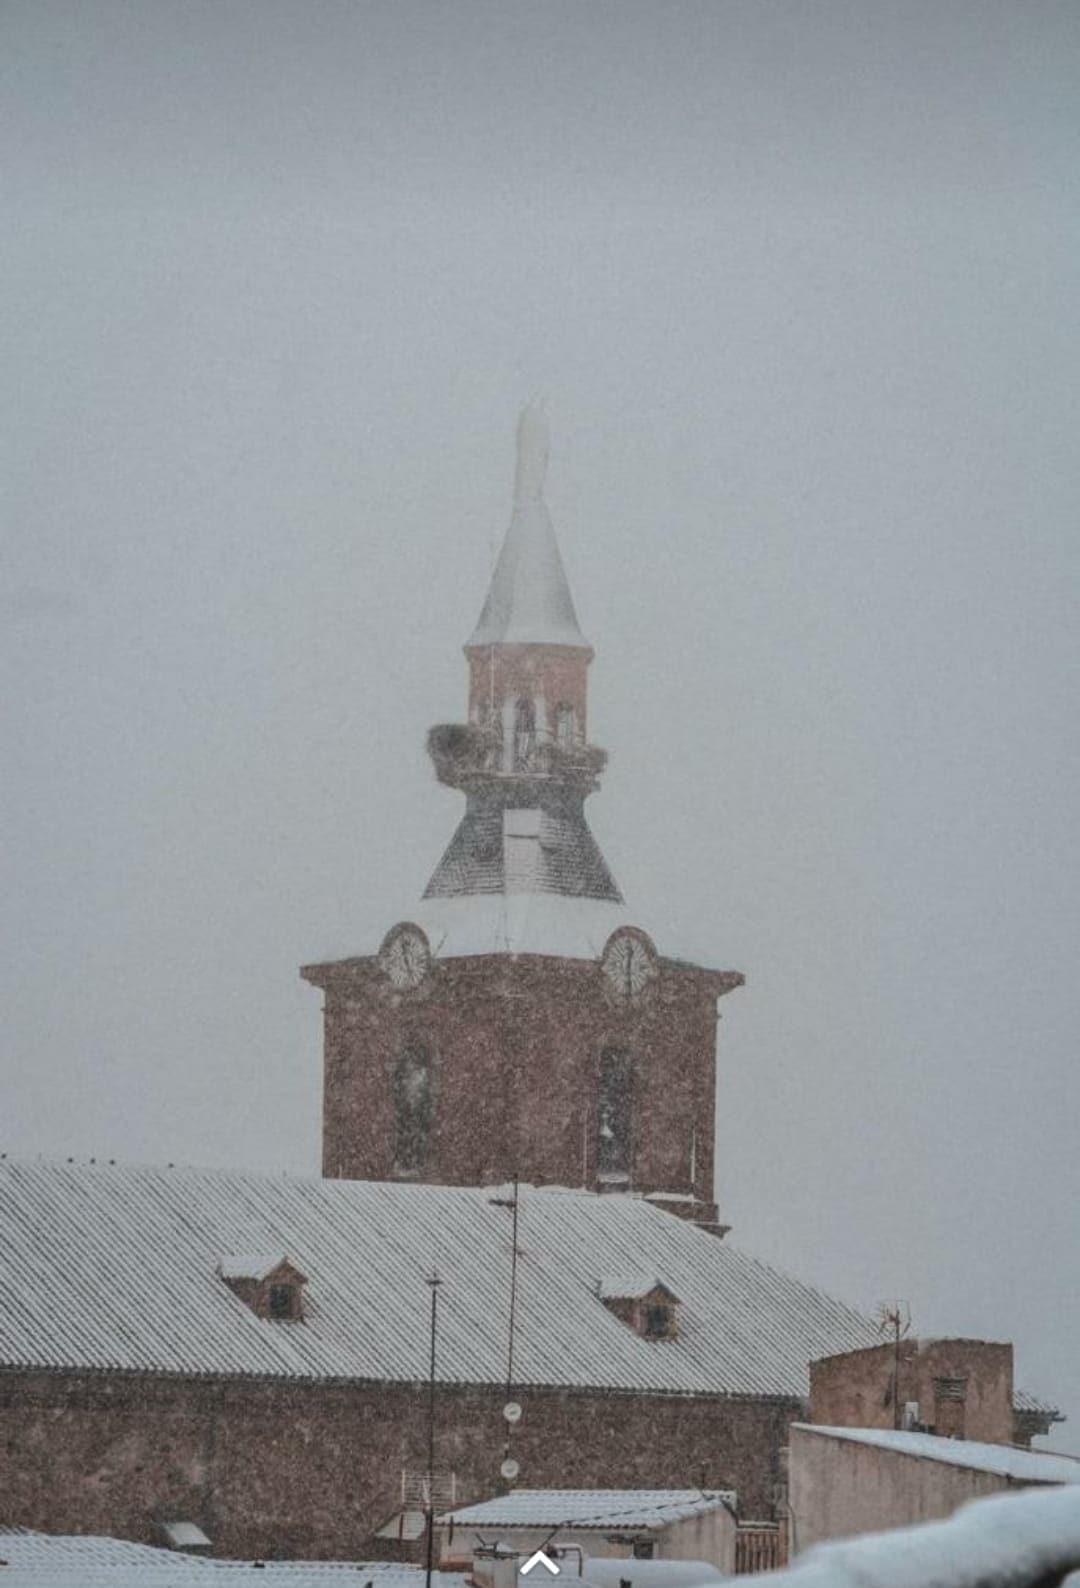 Las nevadas llegan Herencia y a toda Castilla-La Mancha (actualizado) 94